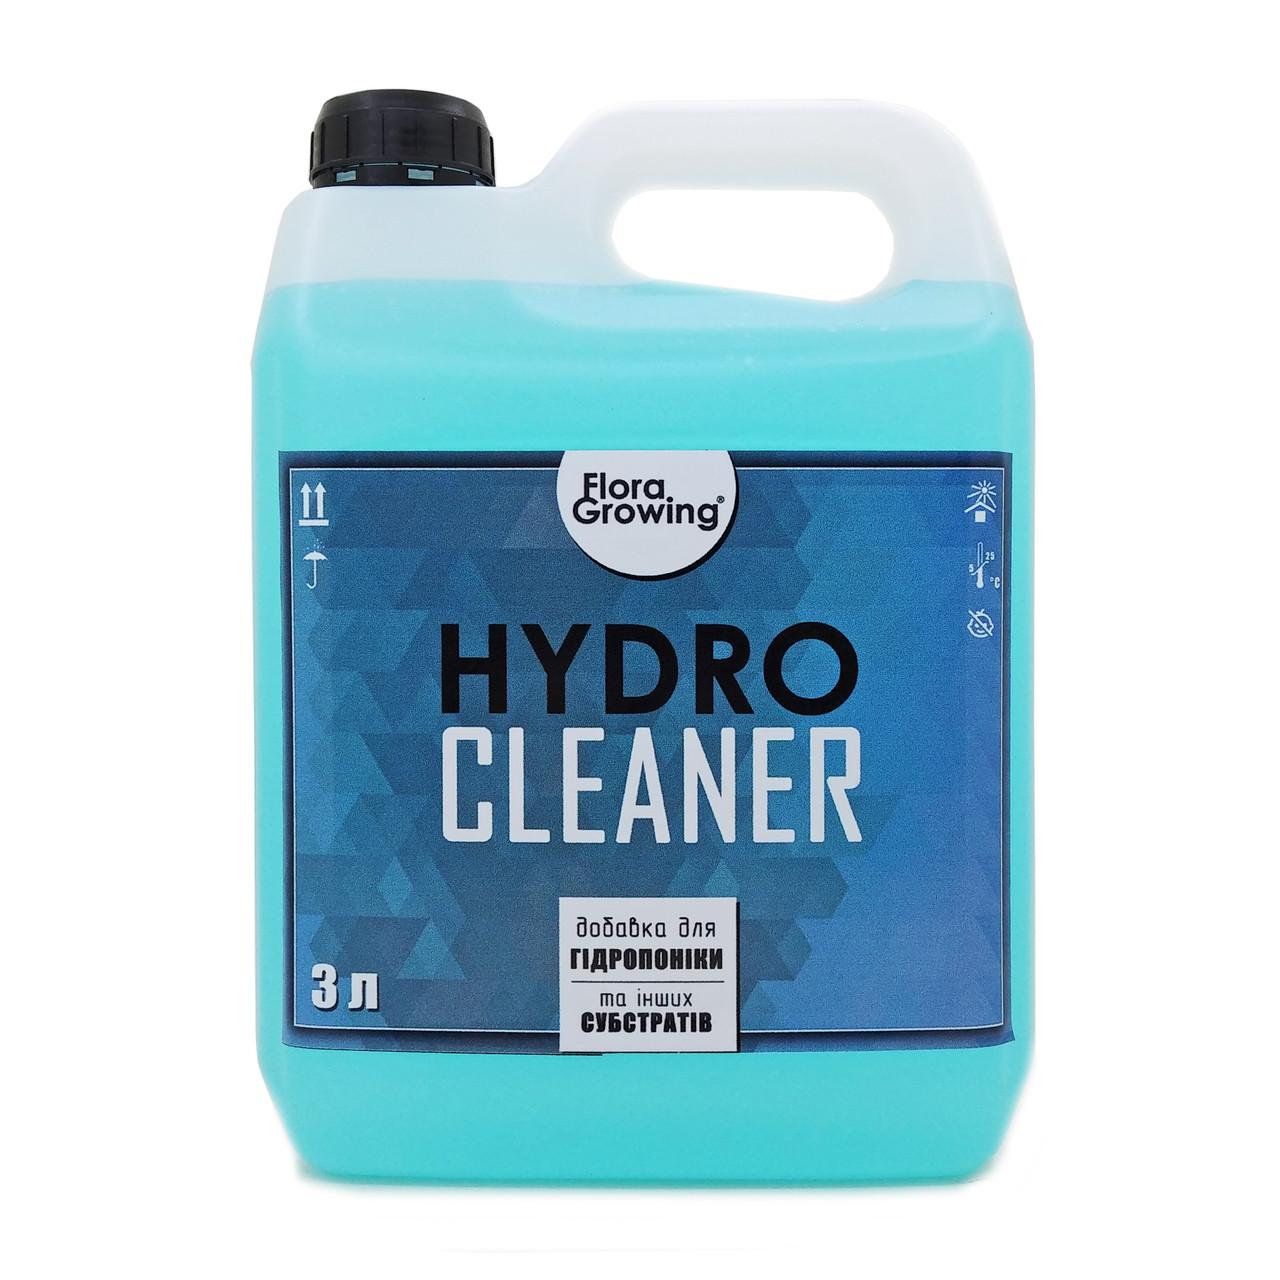 3 л HydroCleaner - аналог Flora Kleen GHE